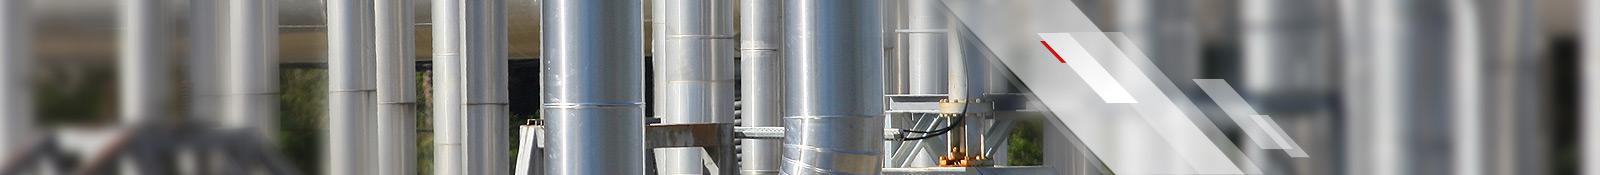 Průmyslové montáže s.r.o. Výroba amontáž ocelových konstrukcí